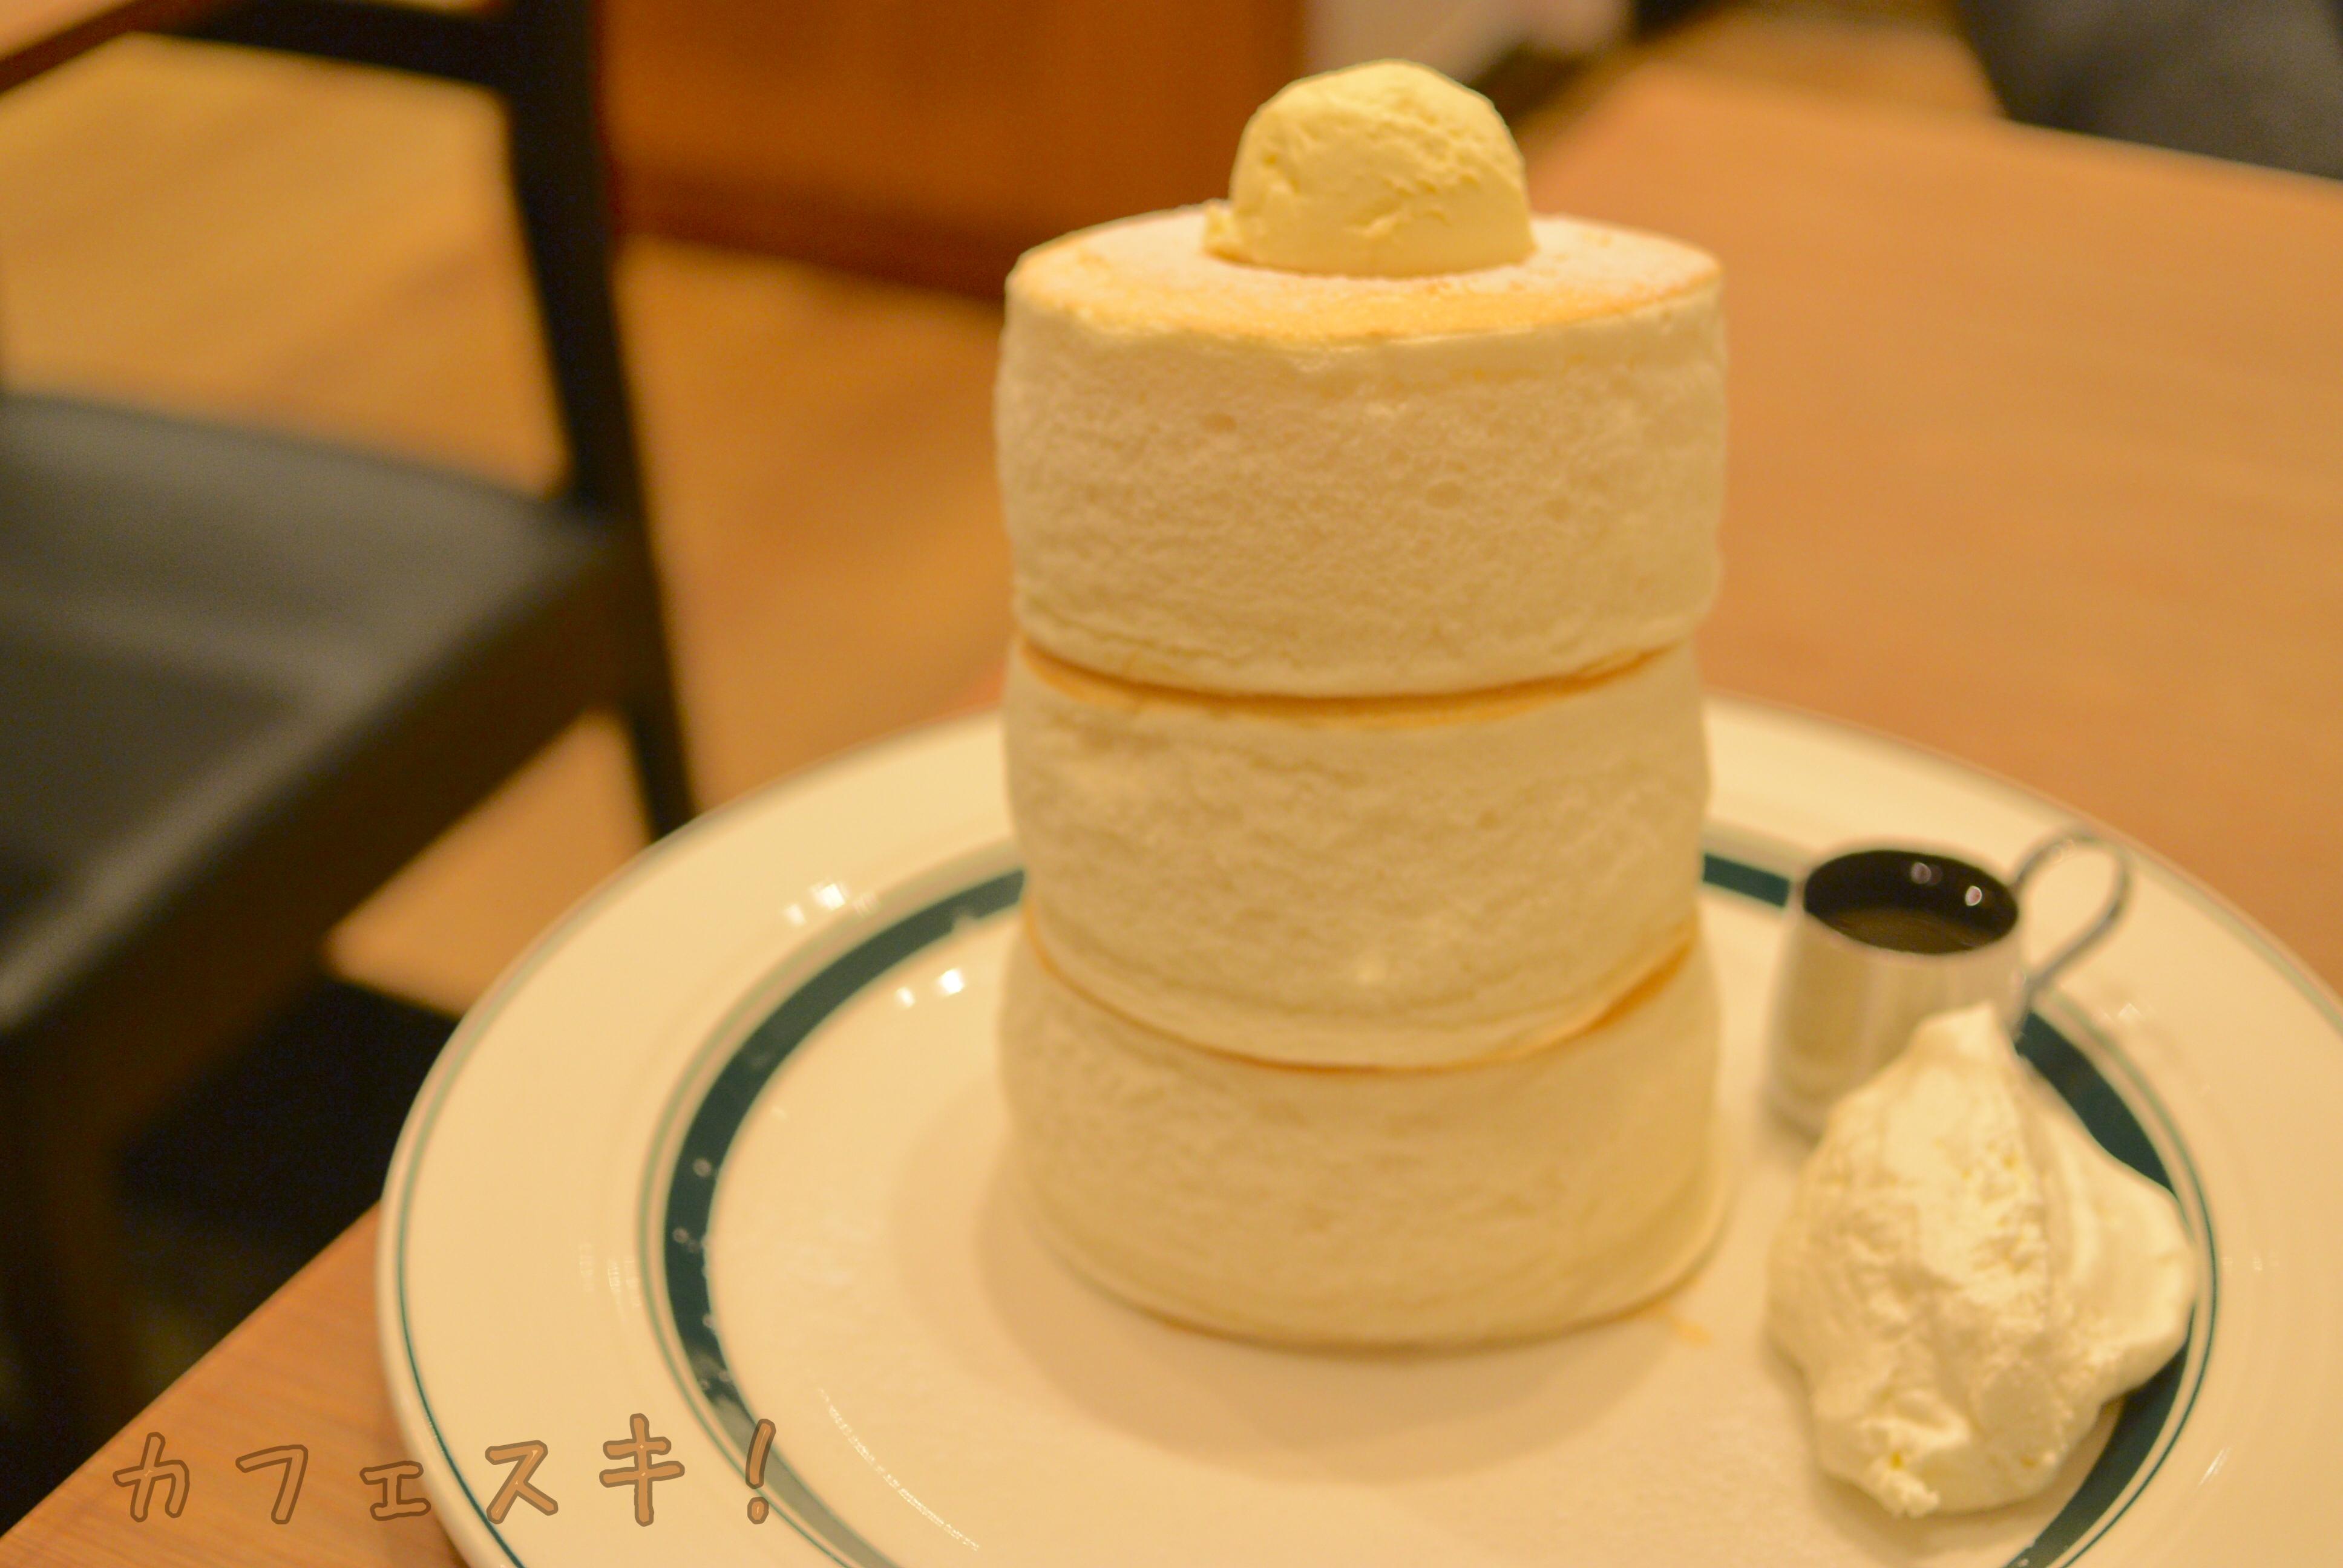 グラム パン ケーキ グラム パン ケーキ 松本